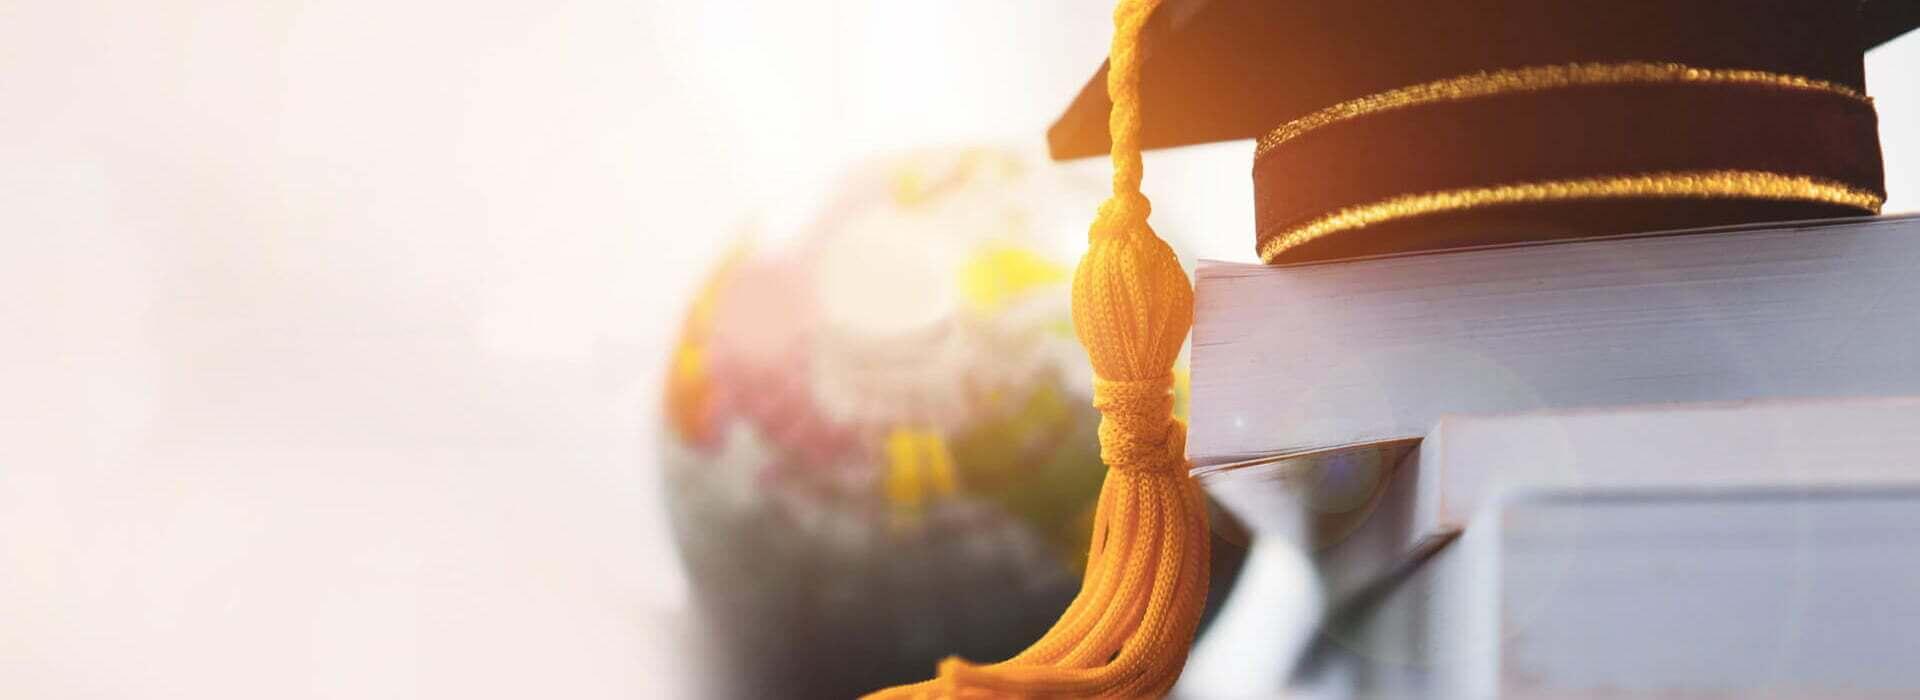 Sınav ve eğitim koçluğu saygın psikoloji